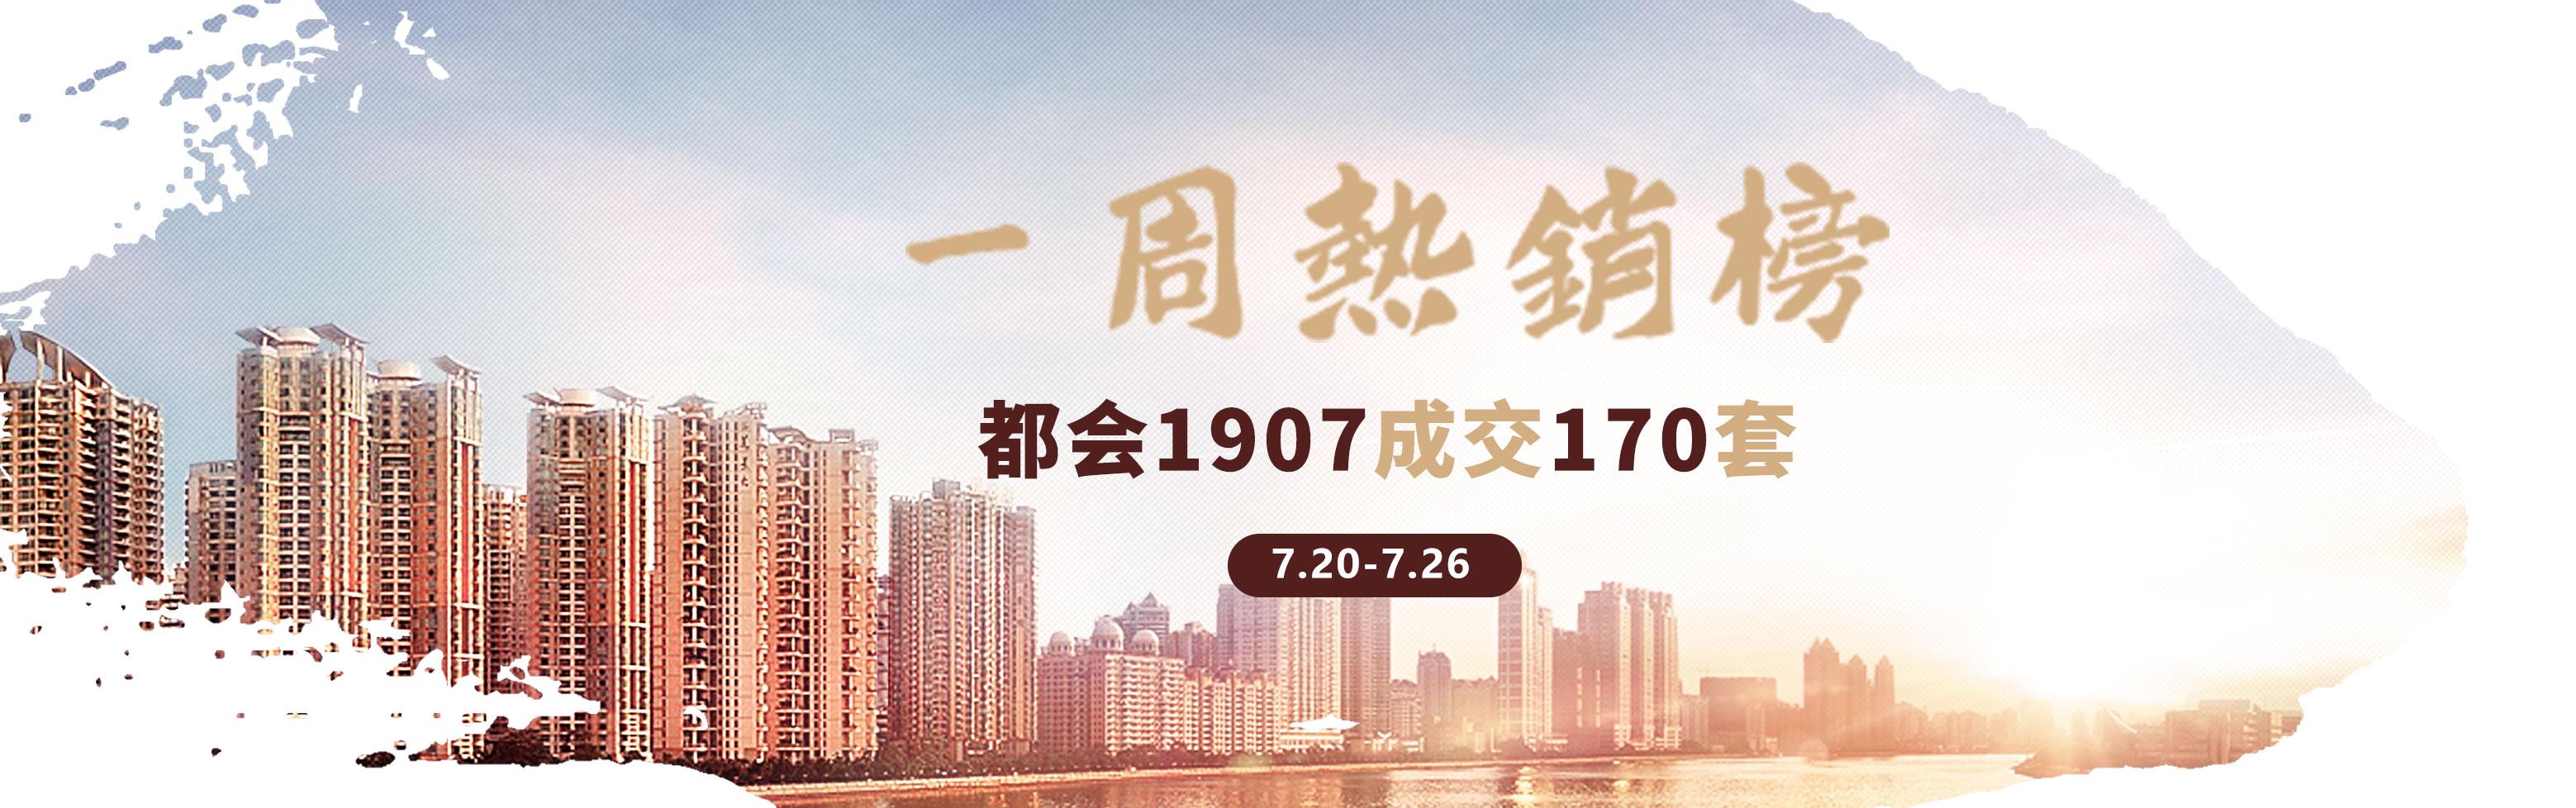 一周热销榜(7.19-7.26)